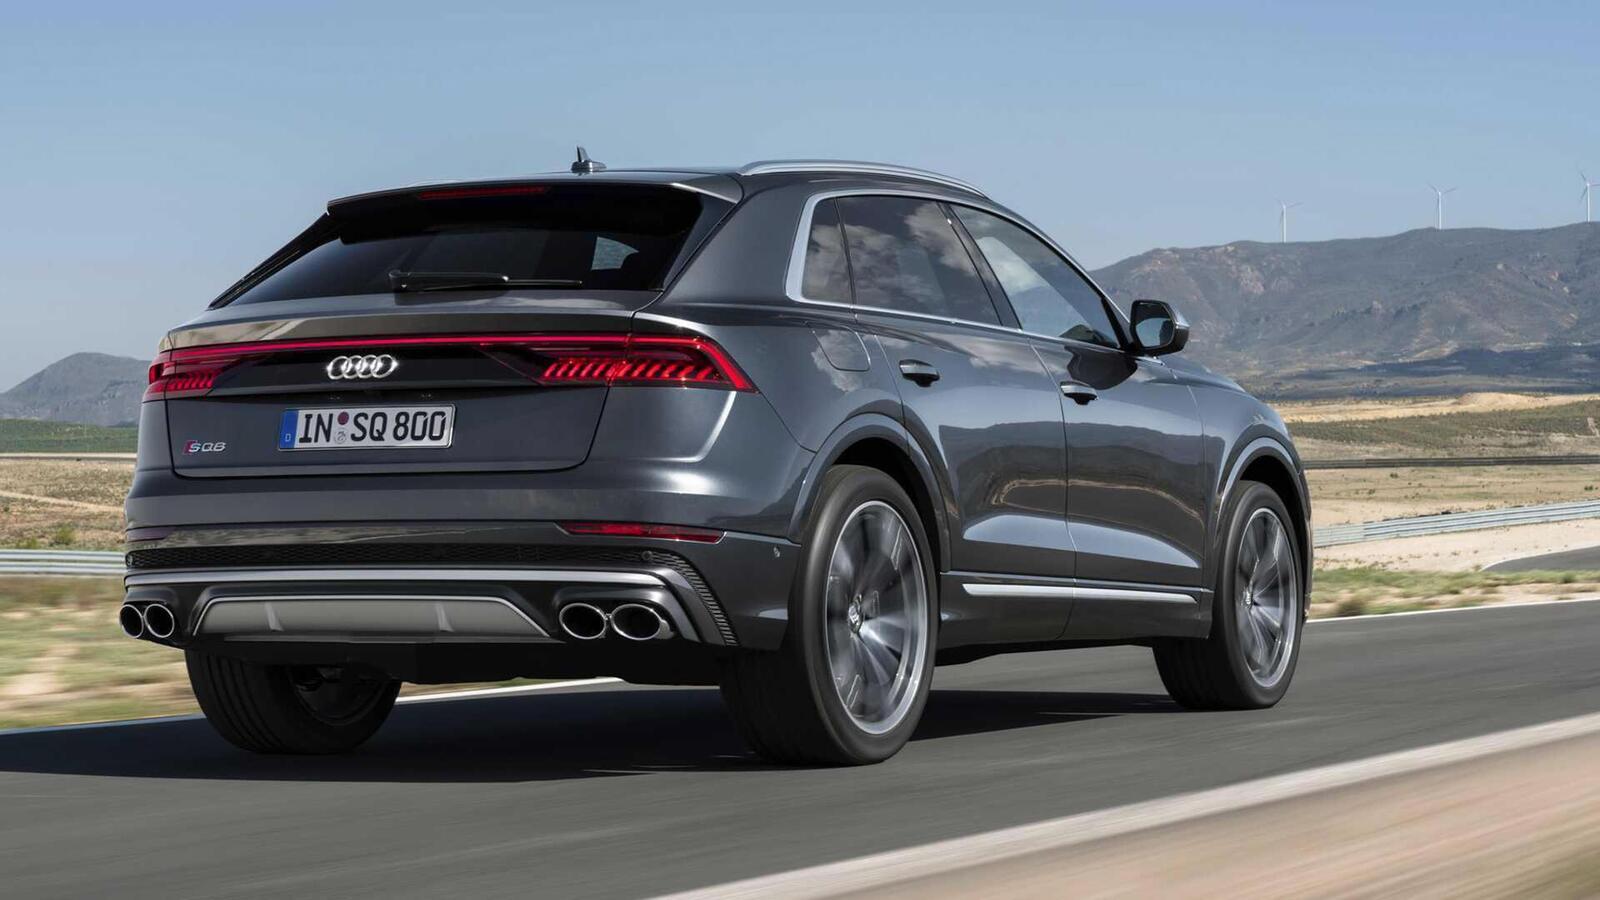 Audi SQ8 ra mắt lắp máy dầu V8 4.0L mild hybrid mạnh 429 mã lực - Hình 4